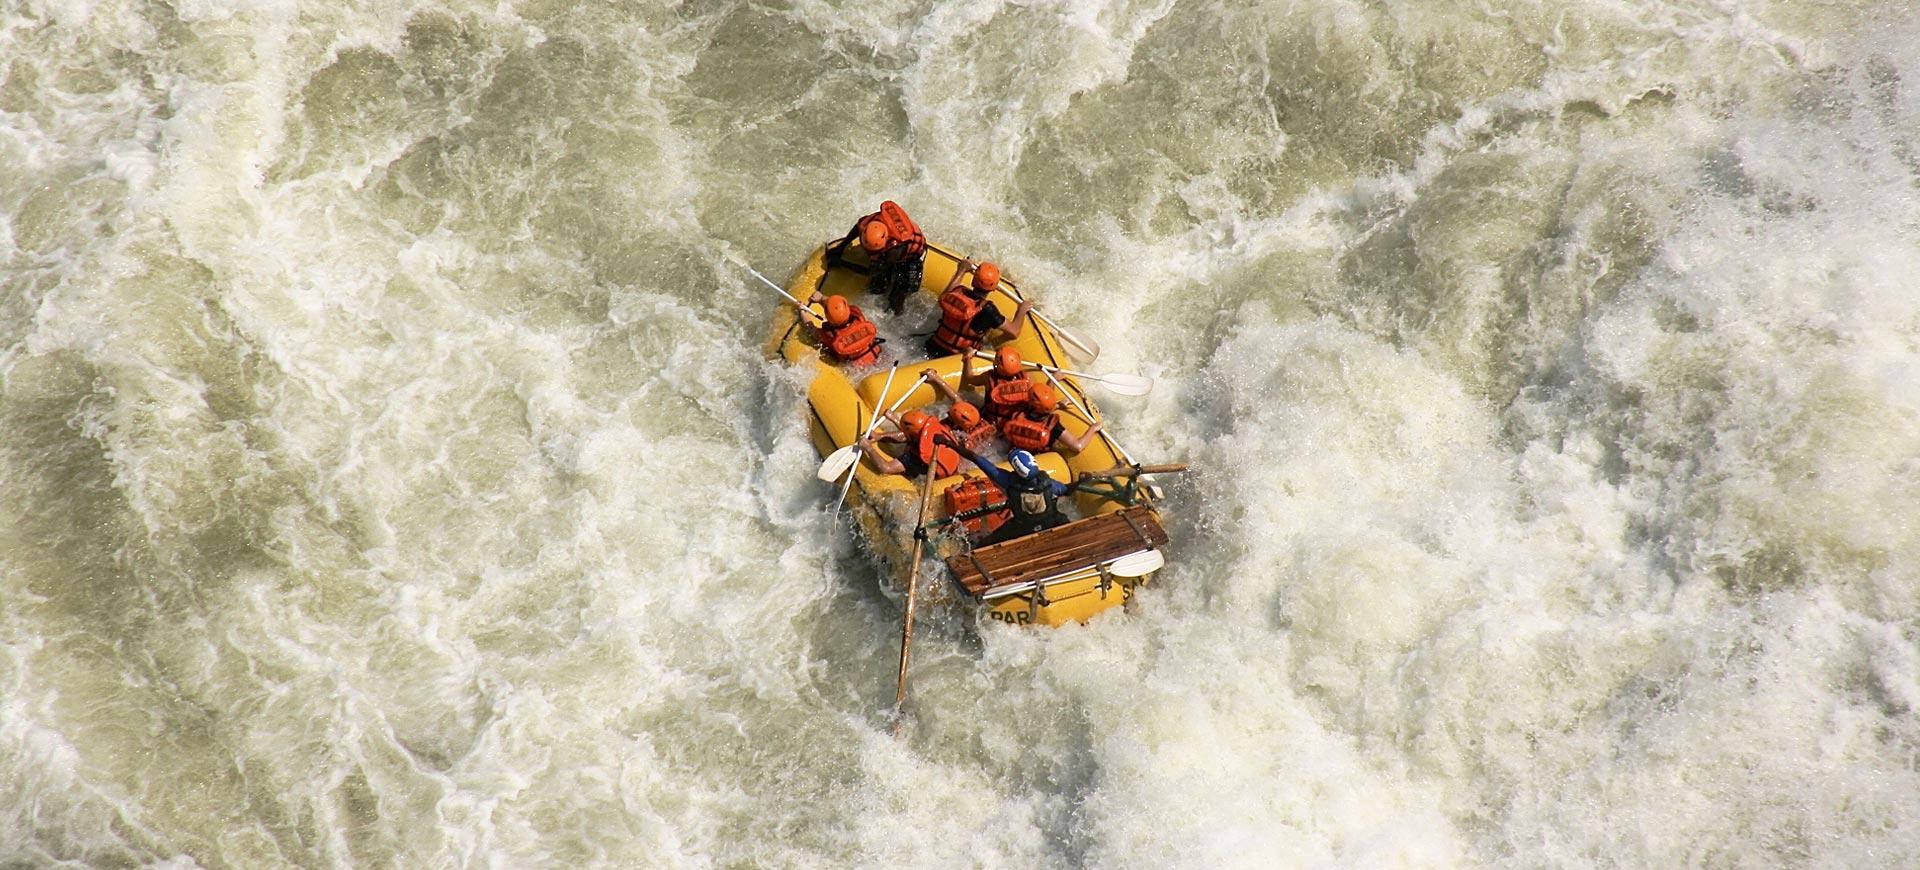 Zambezi River Rafting